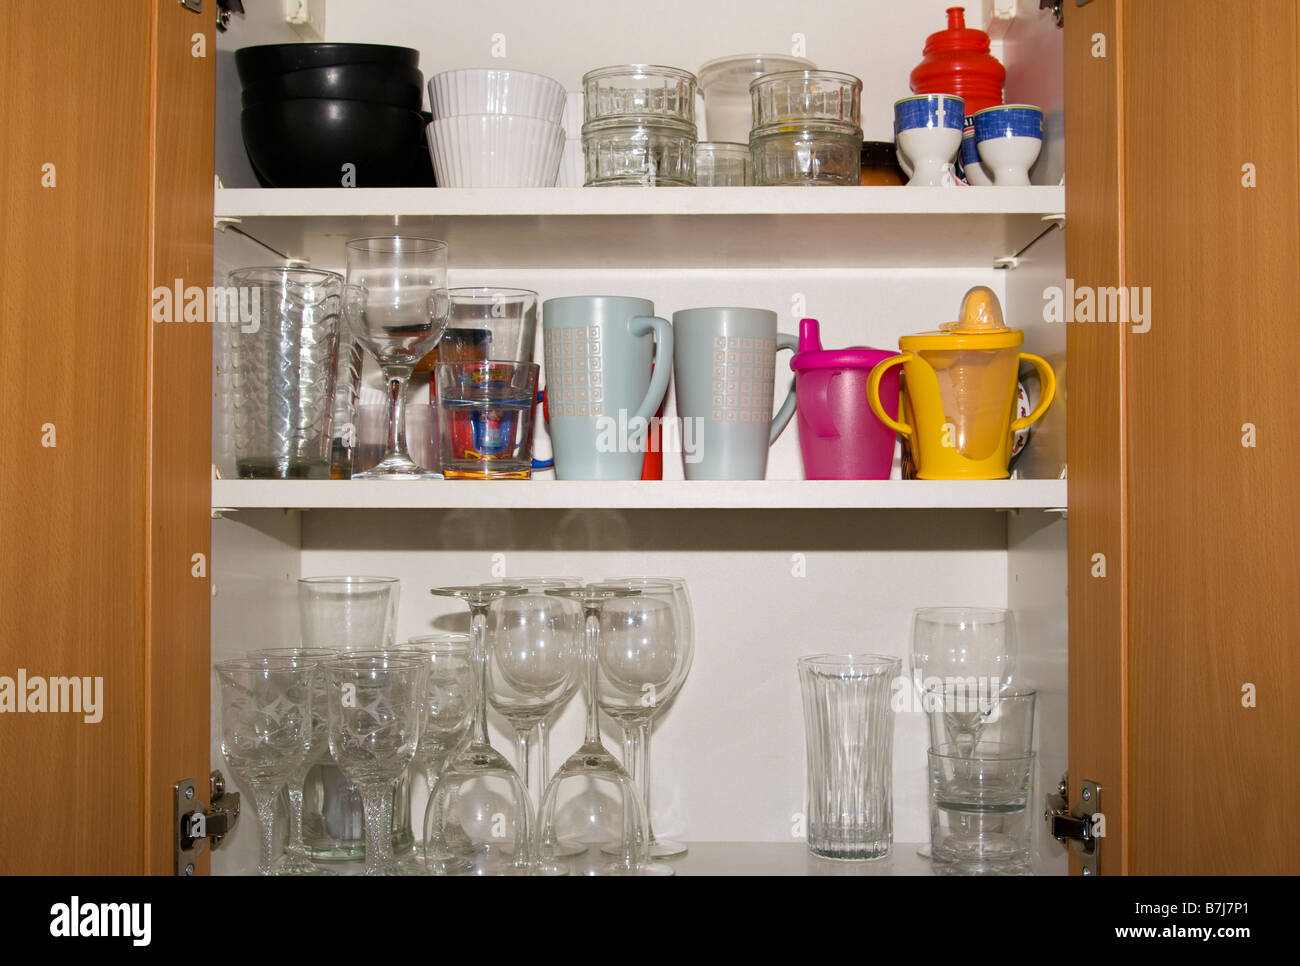 offene Küche Schrank Schränke, die Gläser und Geschirr Stockfoto ...